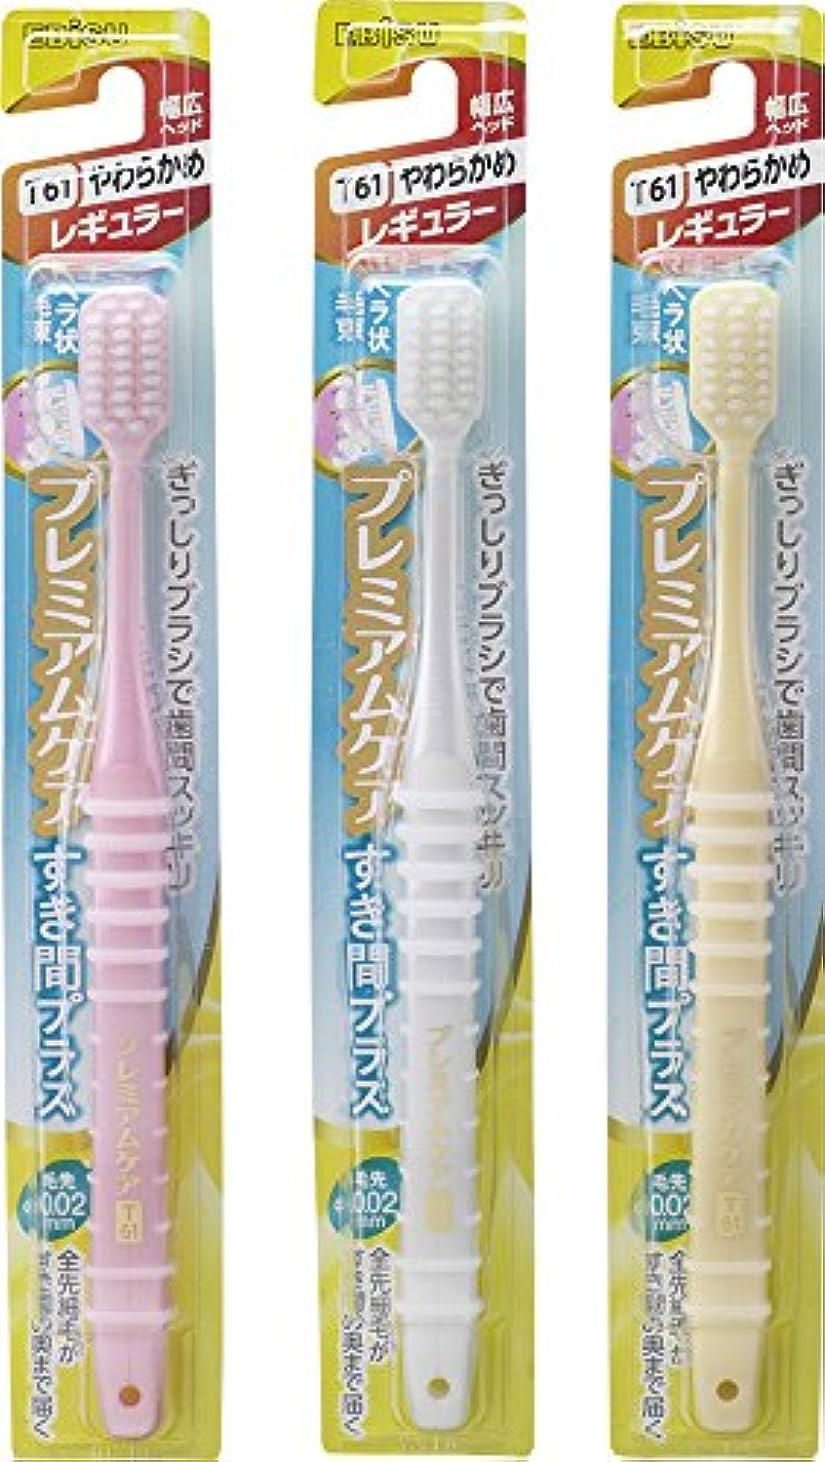 エビス 歯ブラシ プレミアムケア すき間プラス レギュラー やわらかめ 3本組 色おまかせ